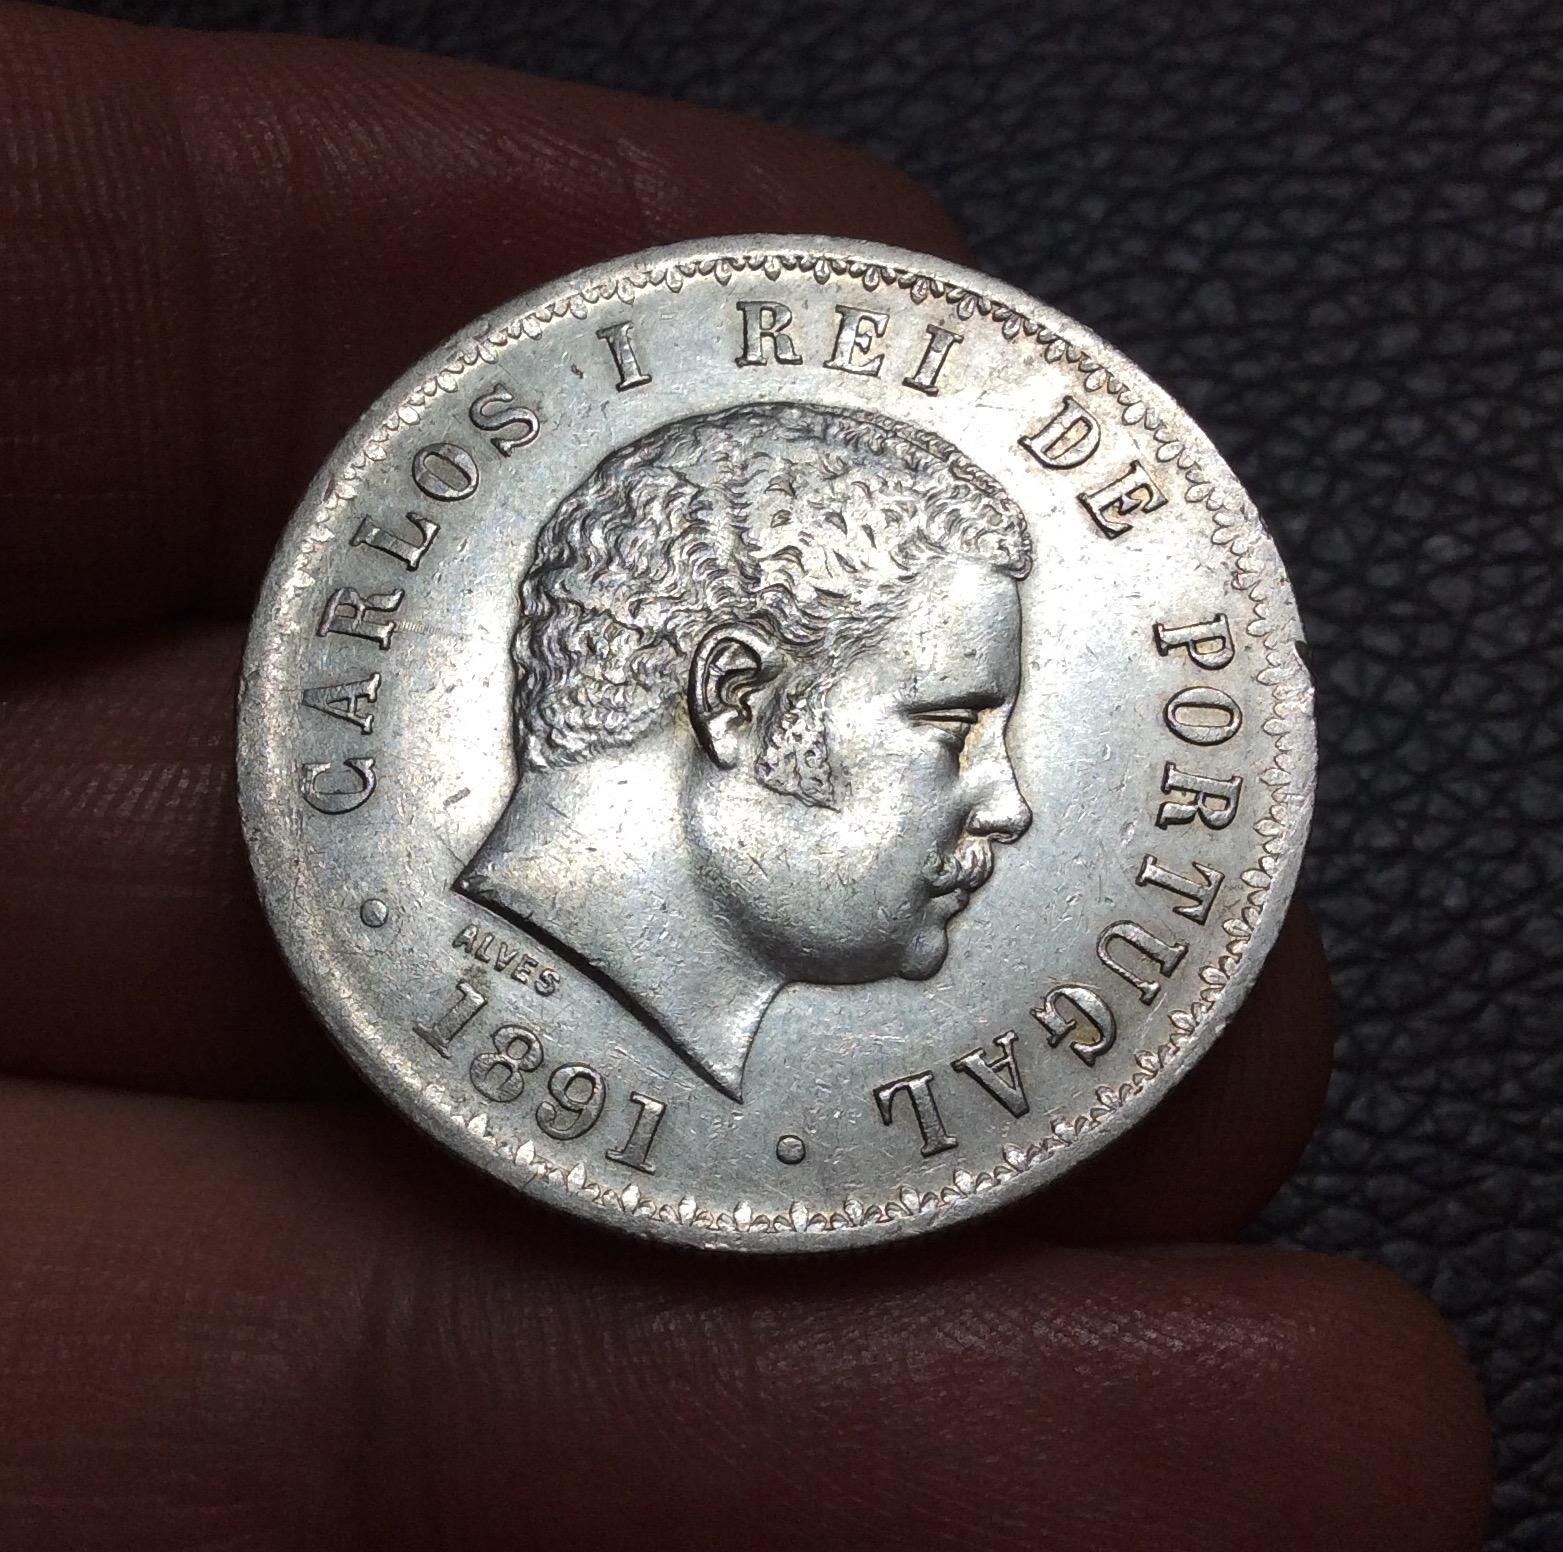 500 Reis plata 1891 - Carlos I - Portugal